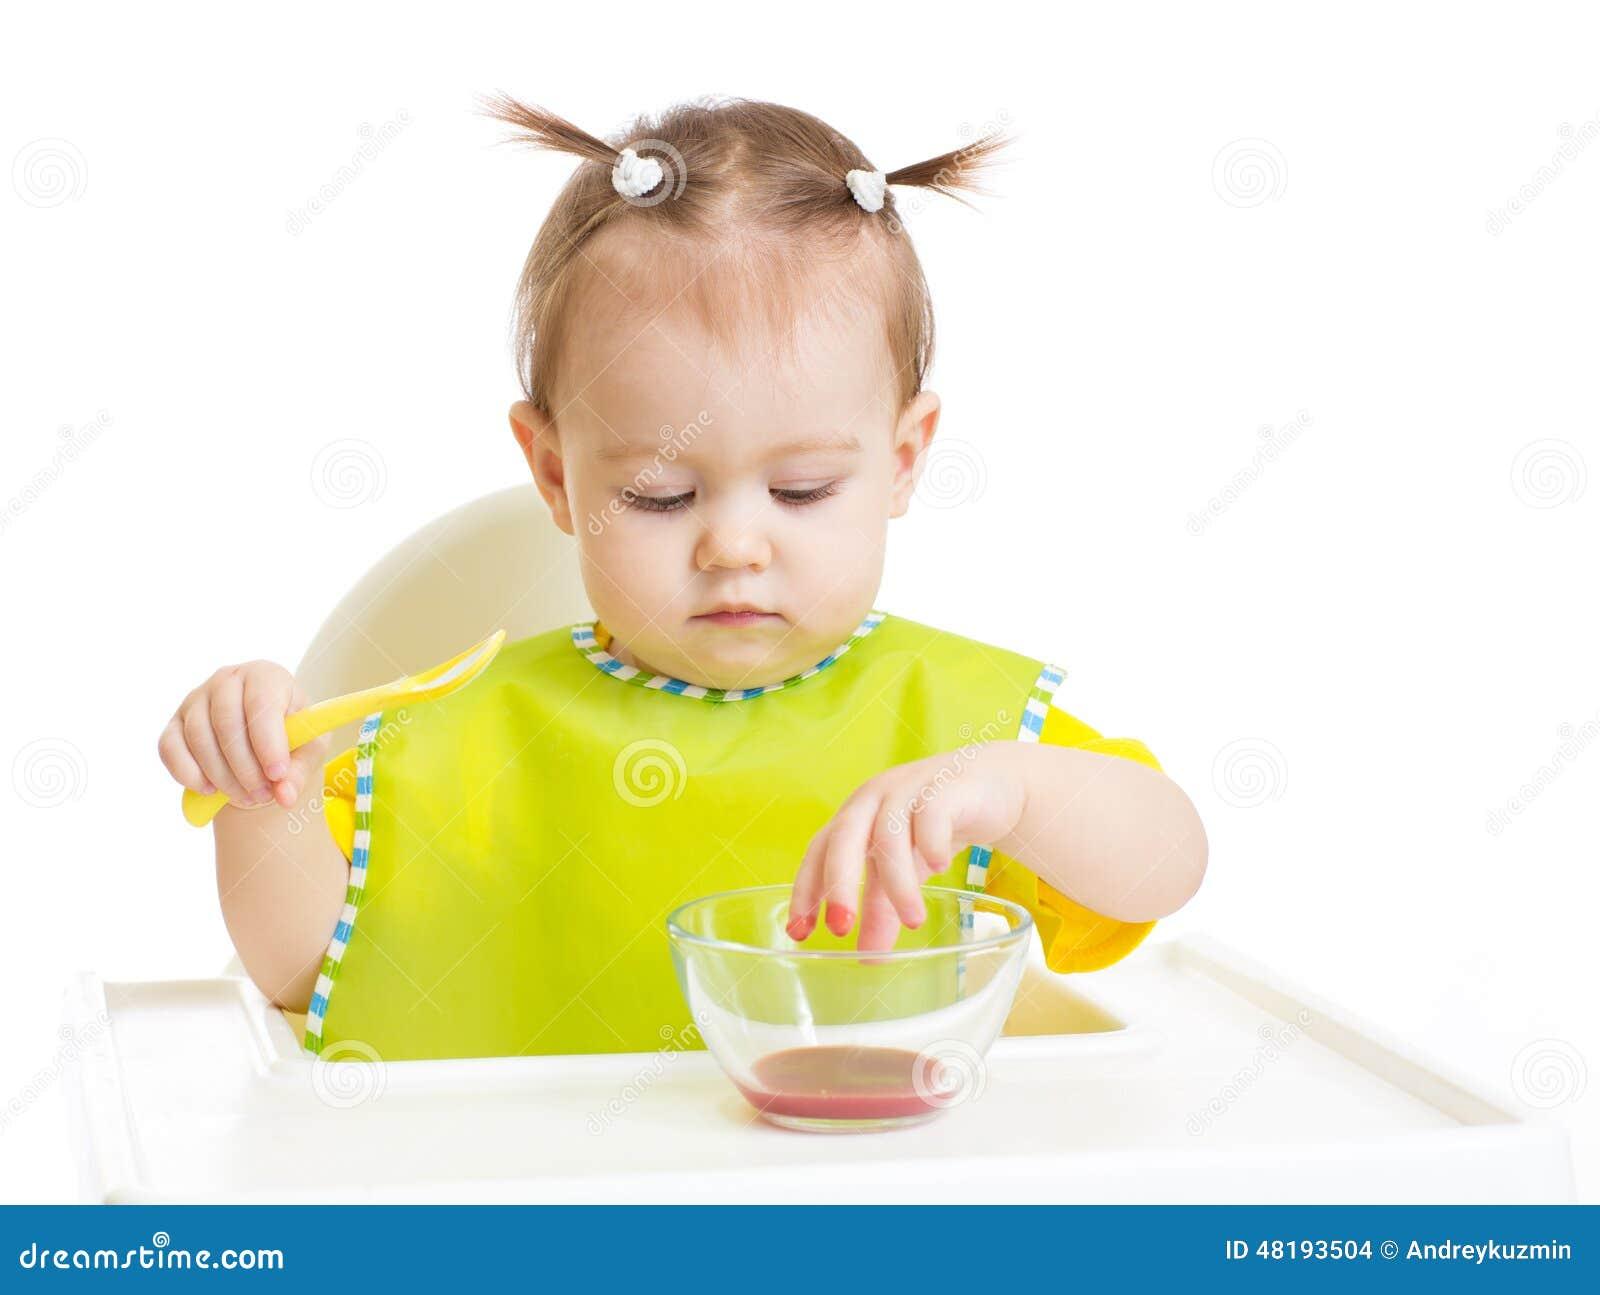 Comer do bebê e dedos postos no alimento que senta-se em